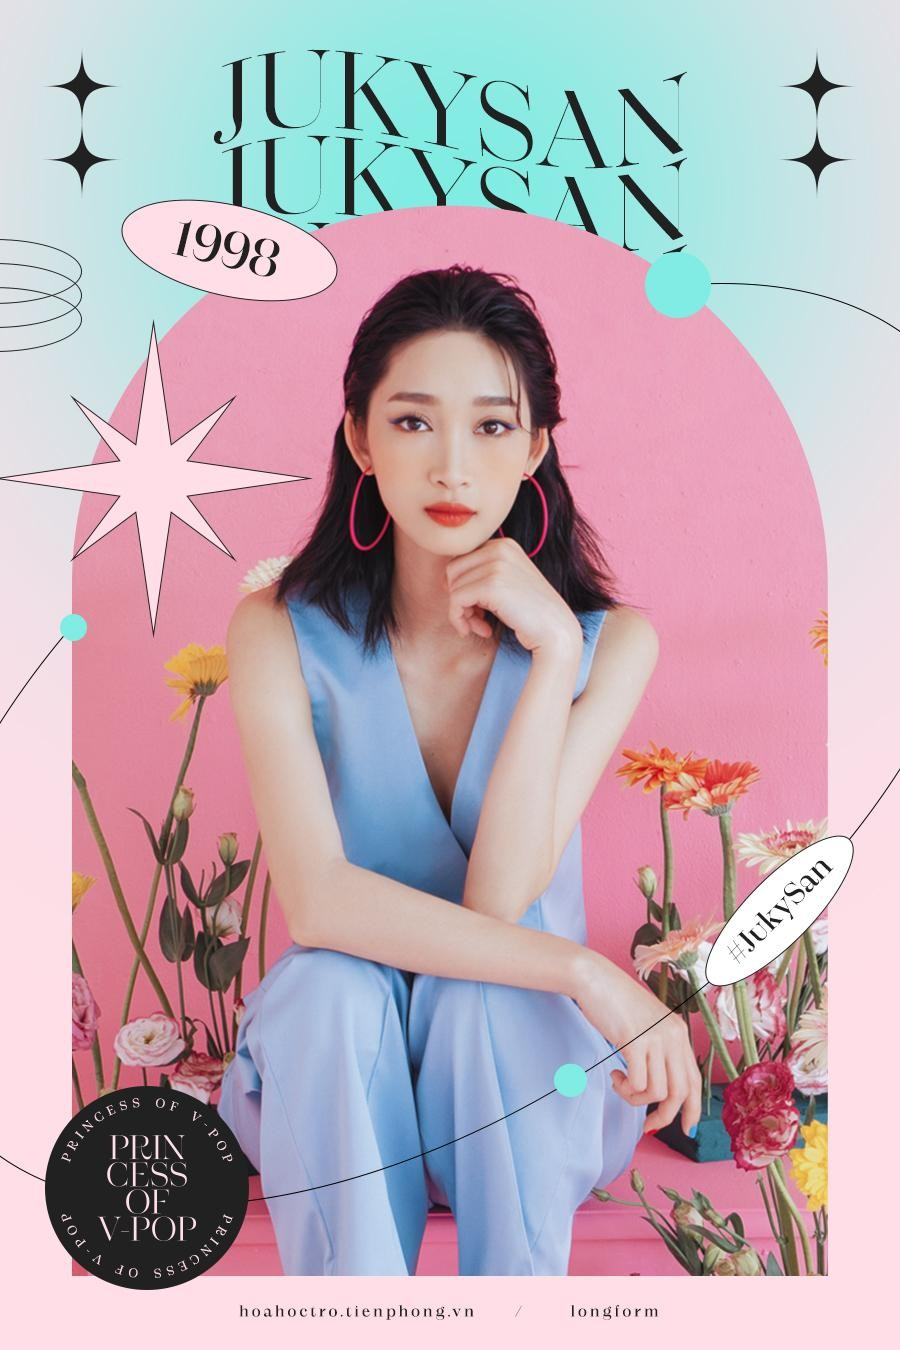 """Đặt ngôi sao hi vọng vào 3 nàng """"công chúa mới"""" của V-Pop: Amee, Hoàng Duyên, Juky San  ảnh 4"""